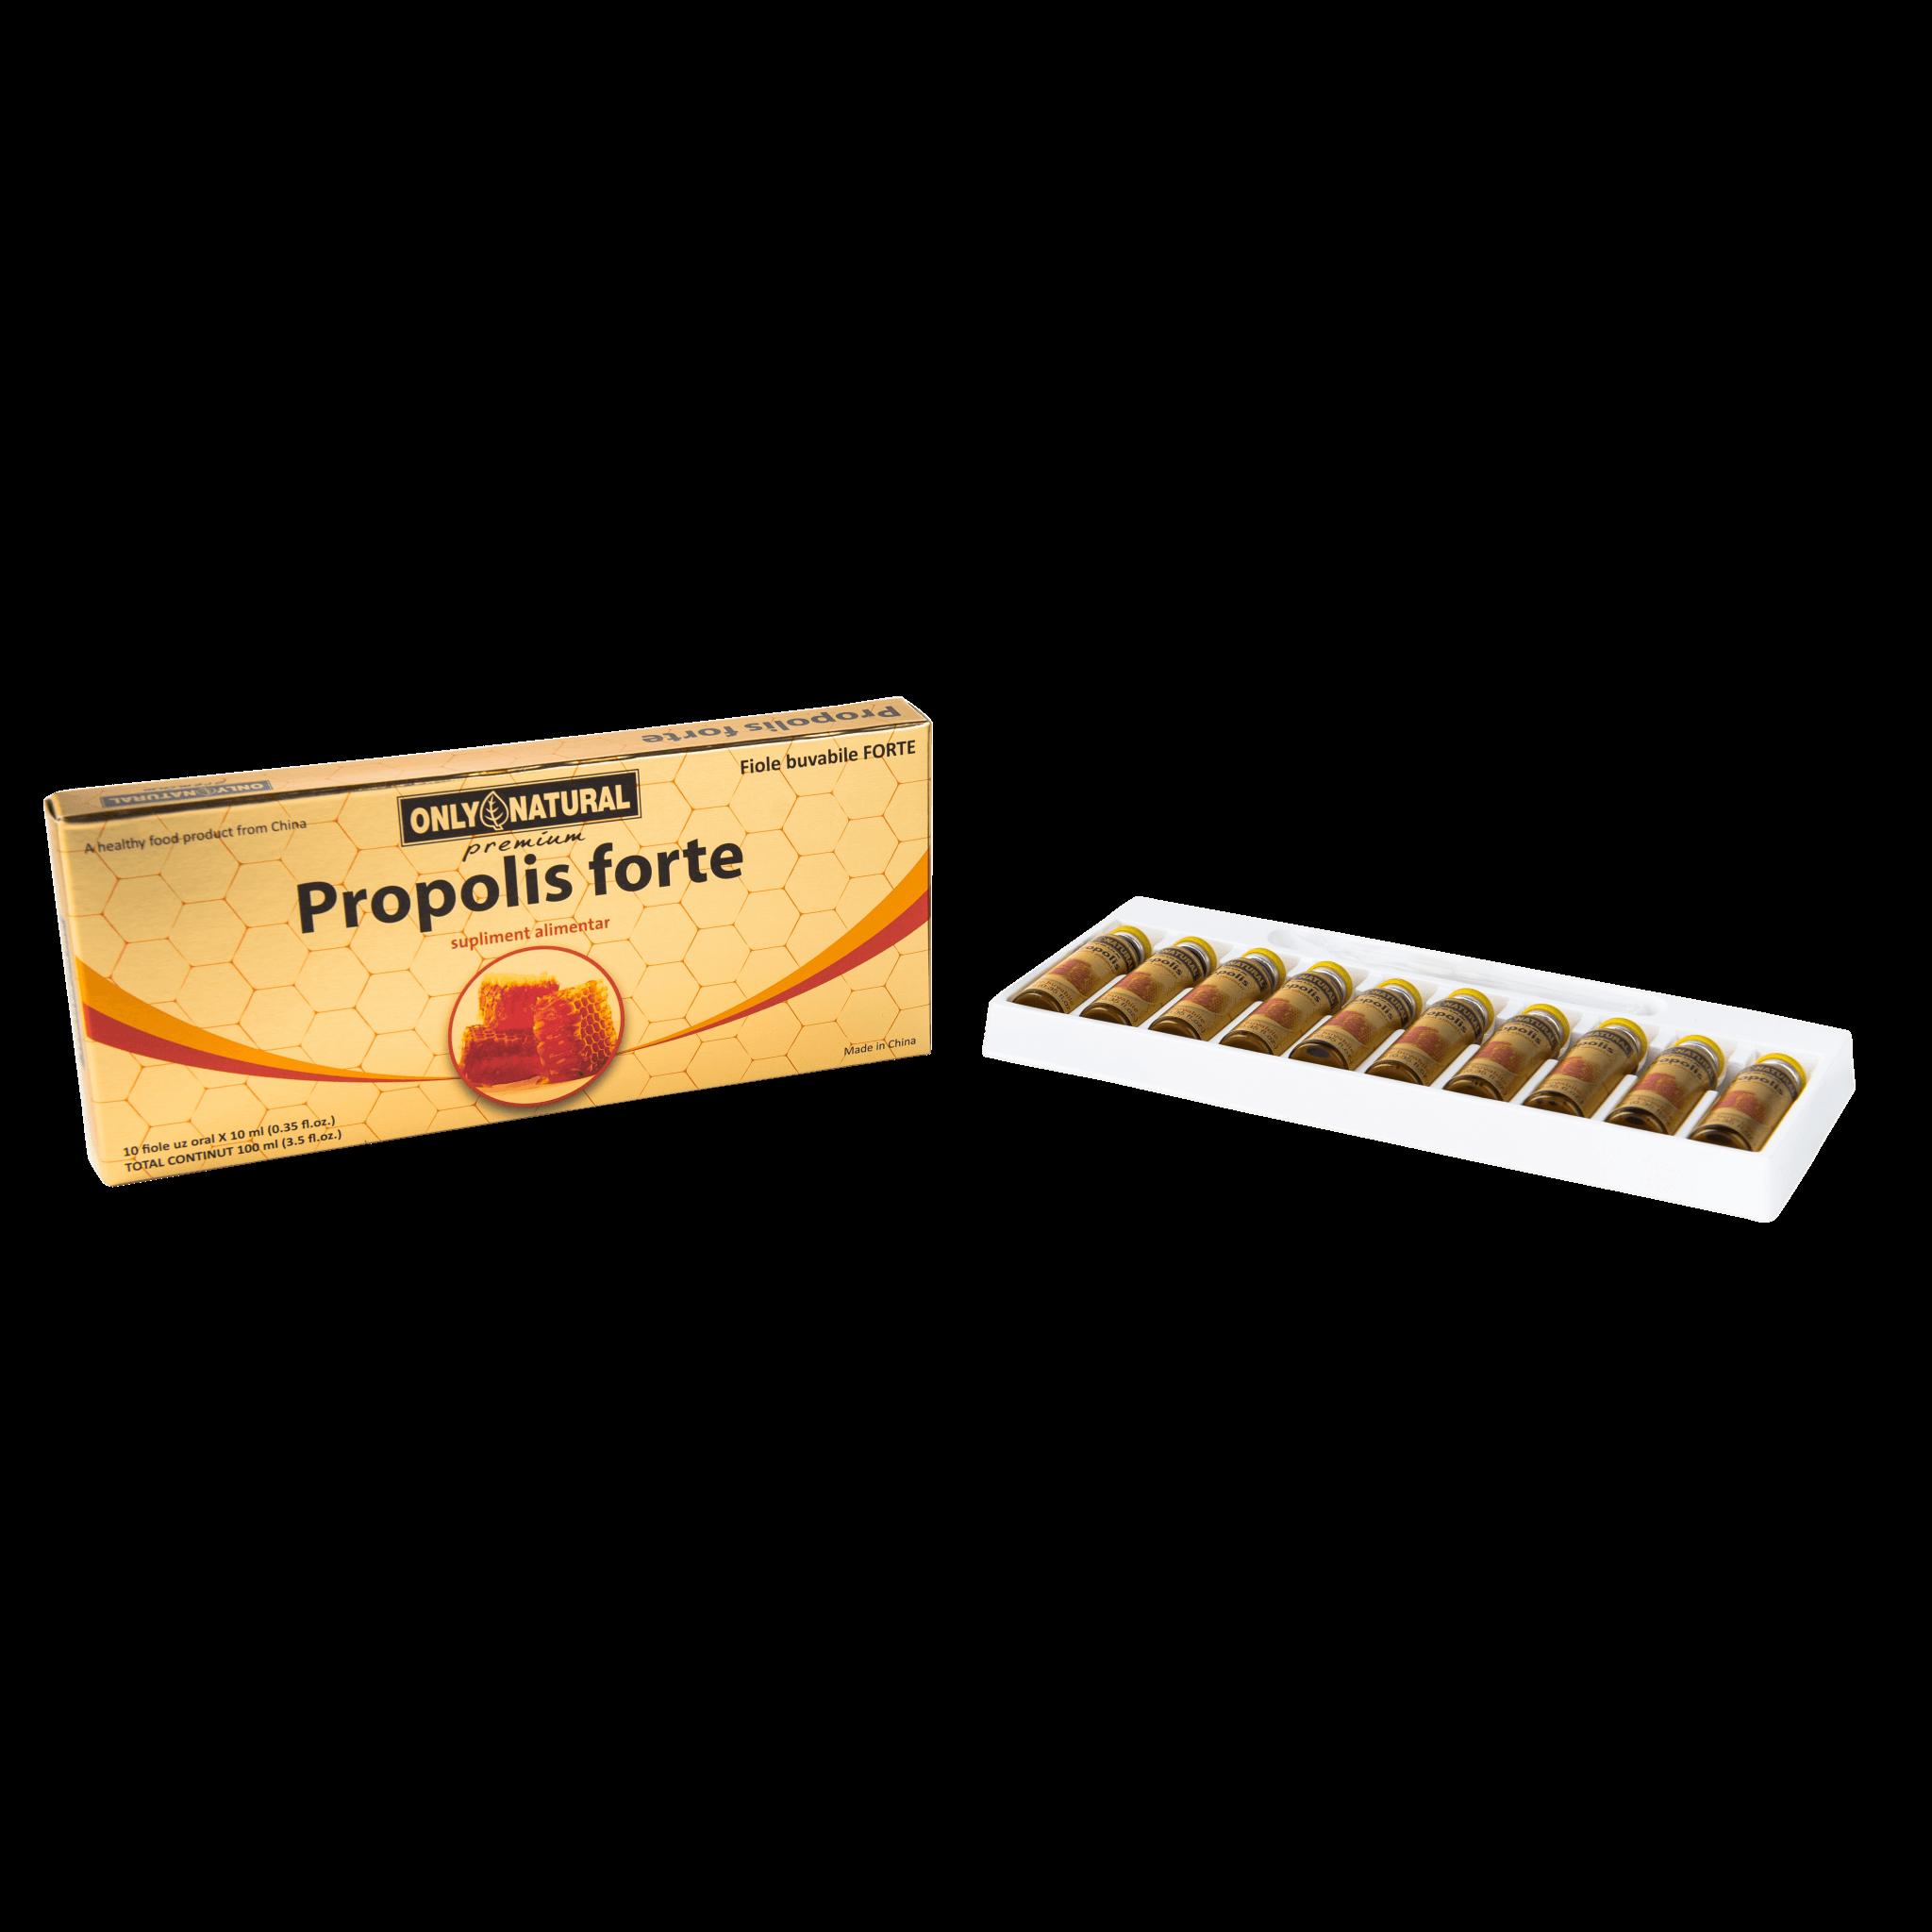 fiole propolis forte pentru imunitate